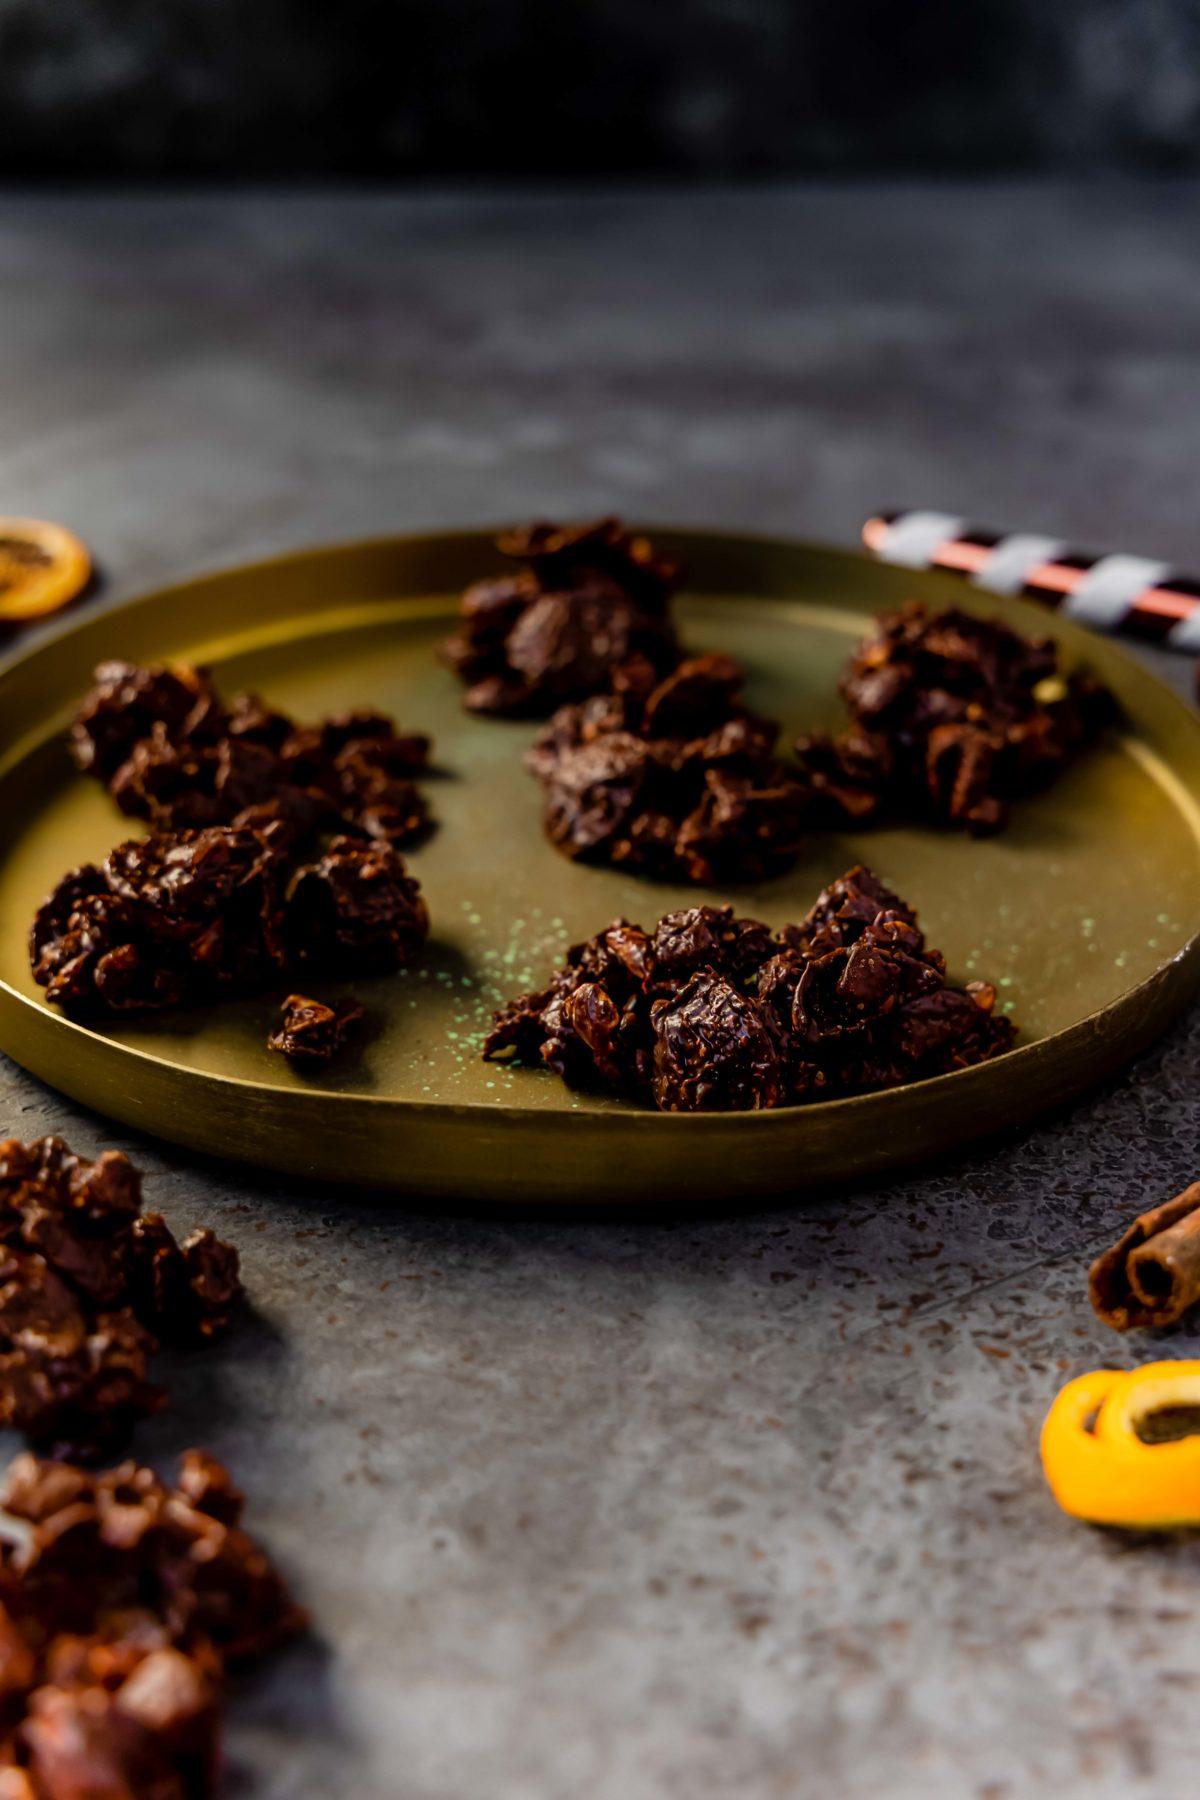 Schoko-Orangen-Crossies // chocolate crunch bites by https://babyrockmyday.com/schoko-orangen-crossies/